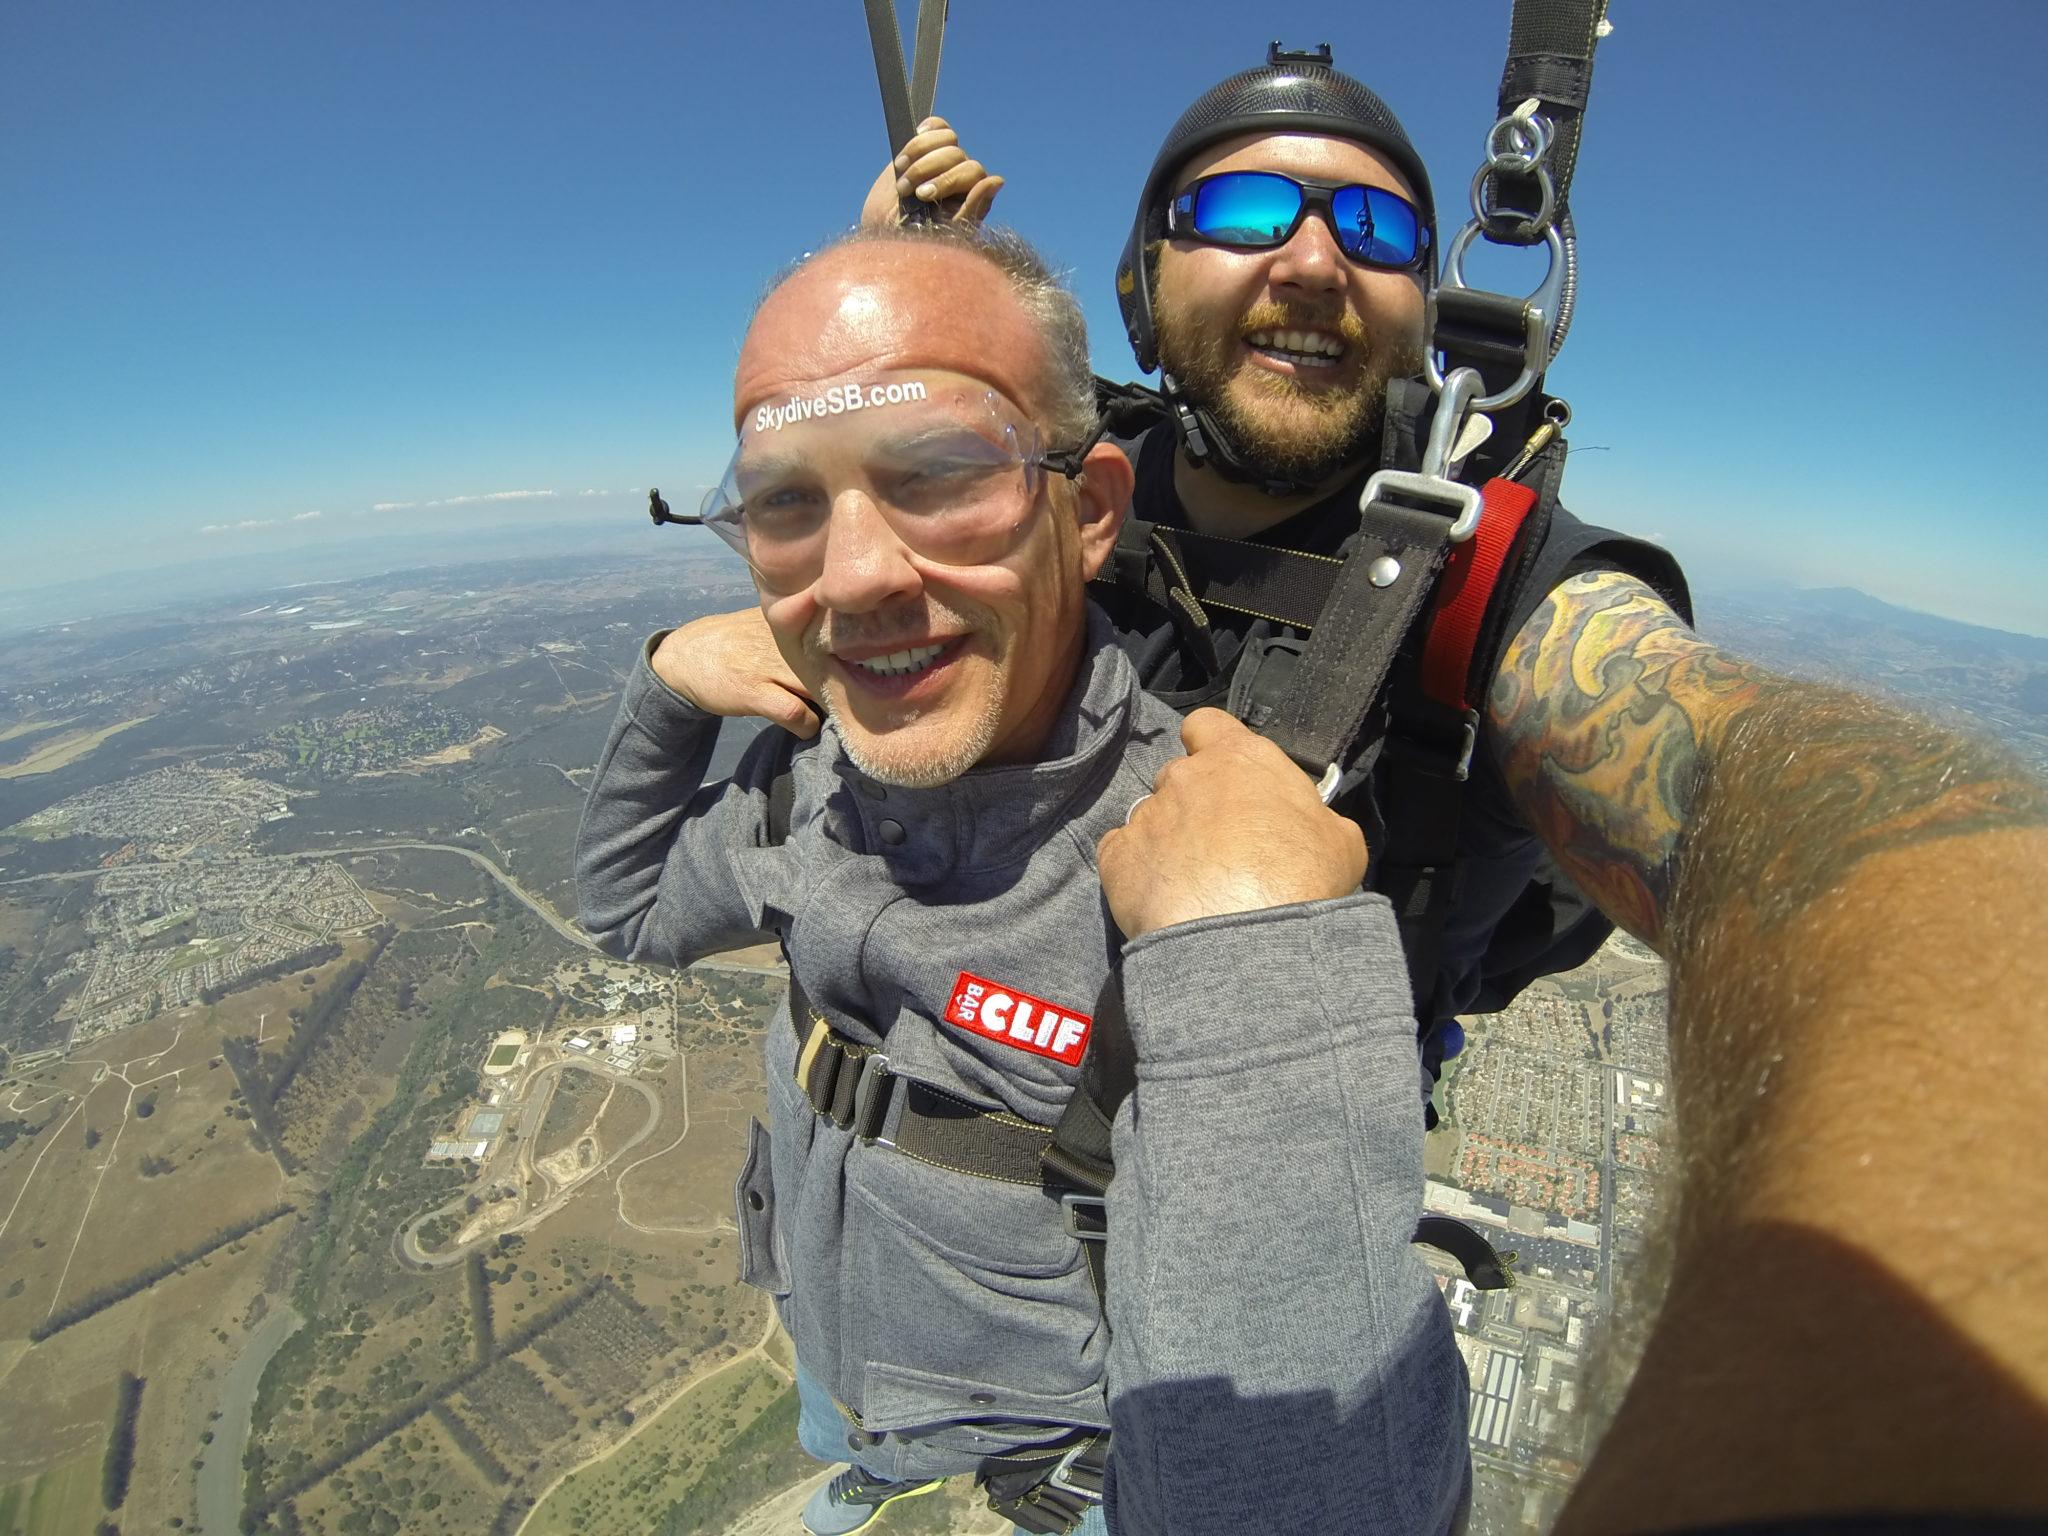 tandem skydivers smiling